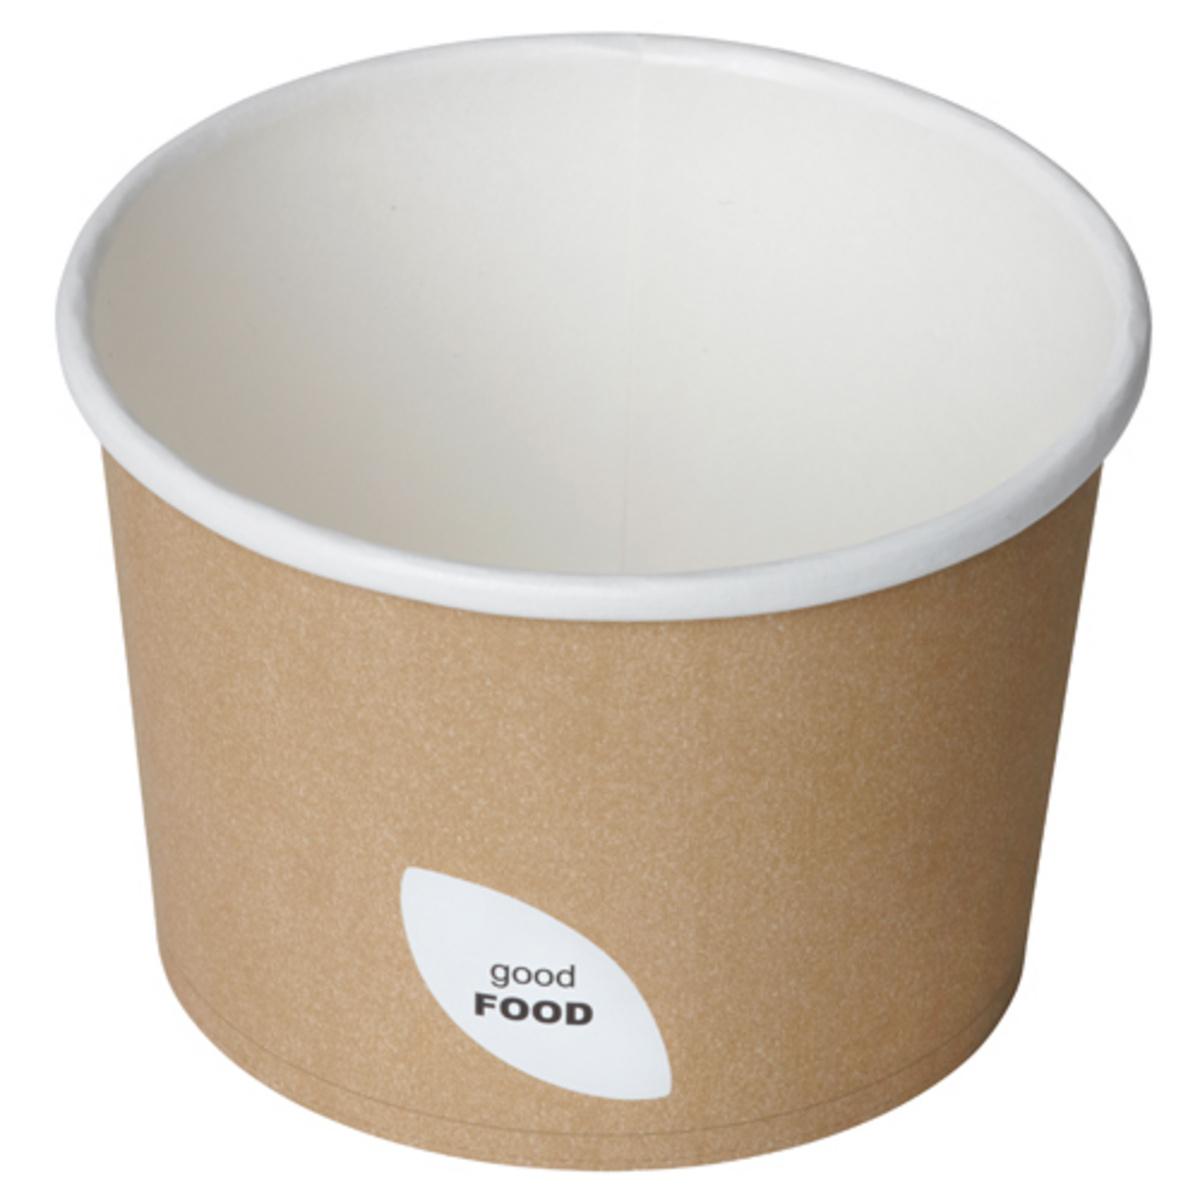 Bol rond beige Ø 11,50 cm 55 cl Duni (50 pièces)